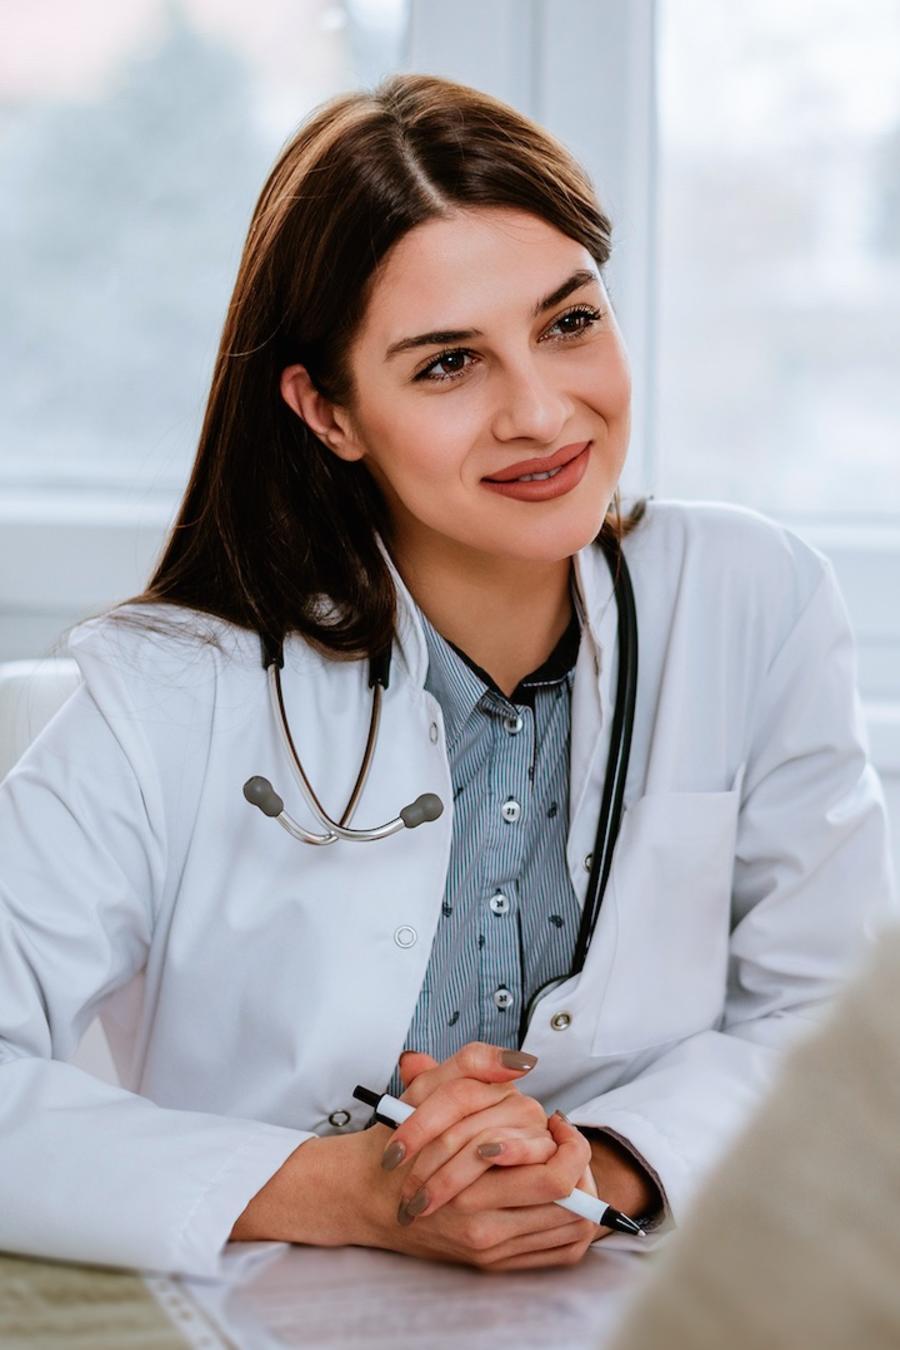 Médica y paciente conversando